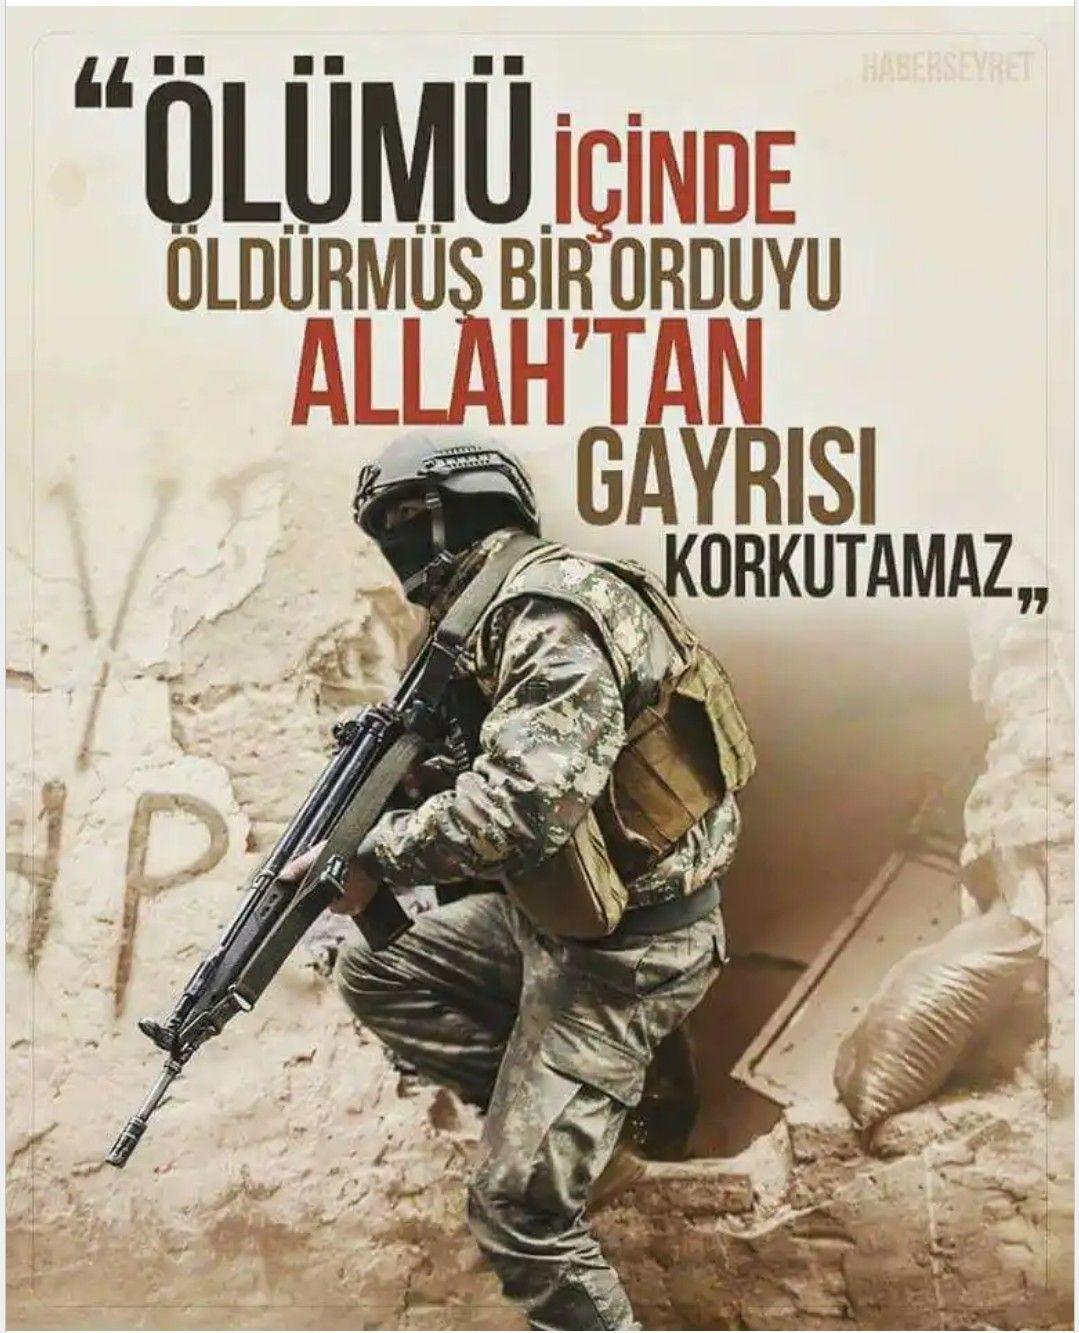 Ölümü içinde öldürmüş bir orduyu Allahtan gayrısı korkutamaz.. Türk Ordusu İle İlgili Resimli Sözler - Türk Ordusu İle İlgili Resimli Sözler - Türk Ordusu İle İlgili Sözler, resimli-sozler